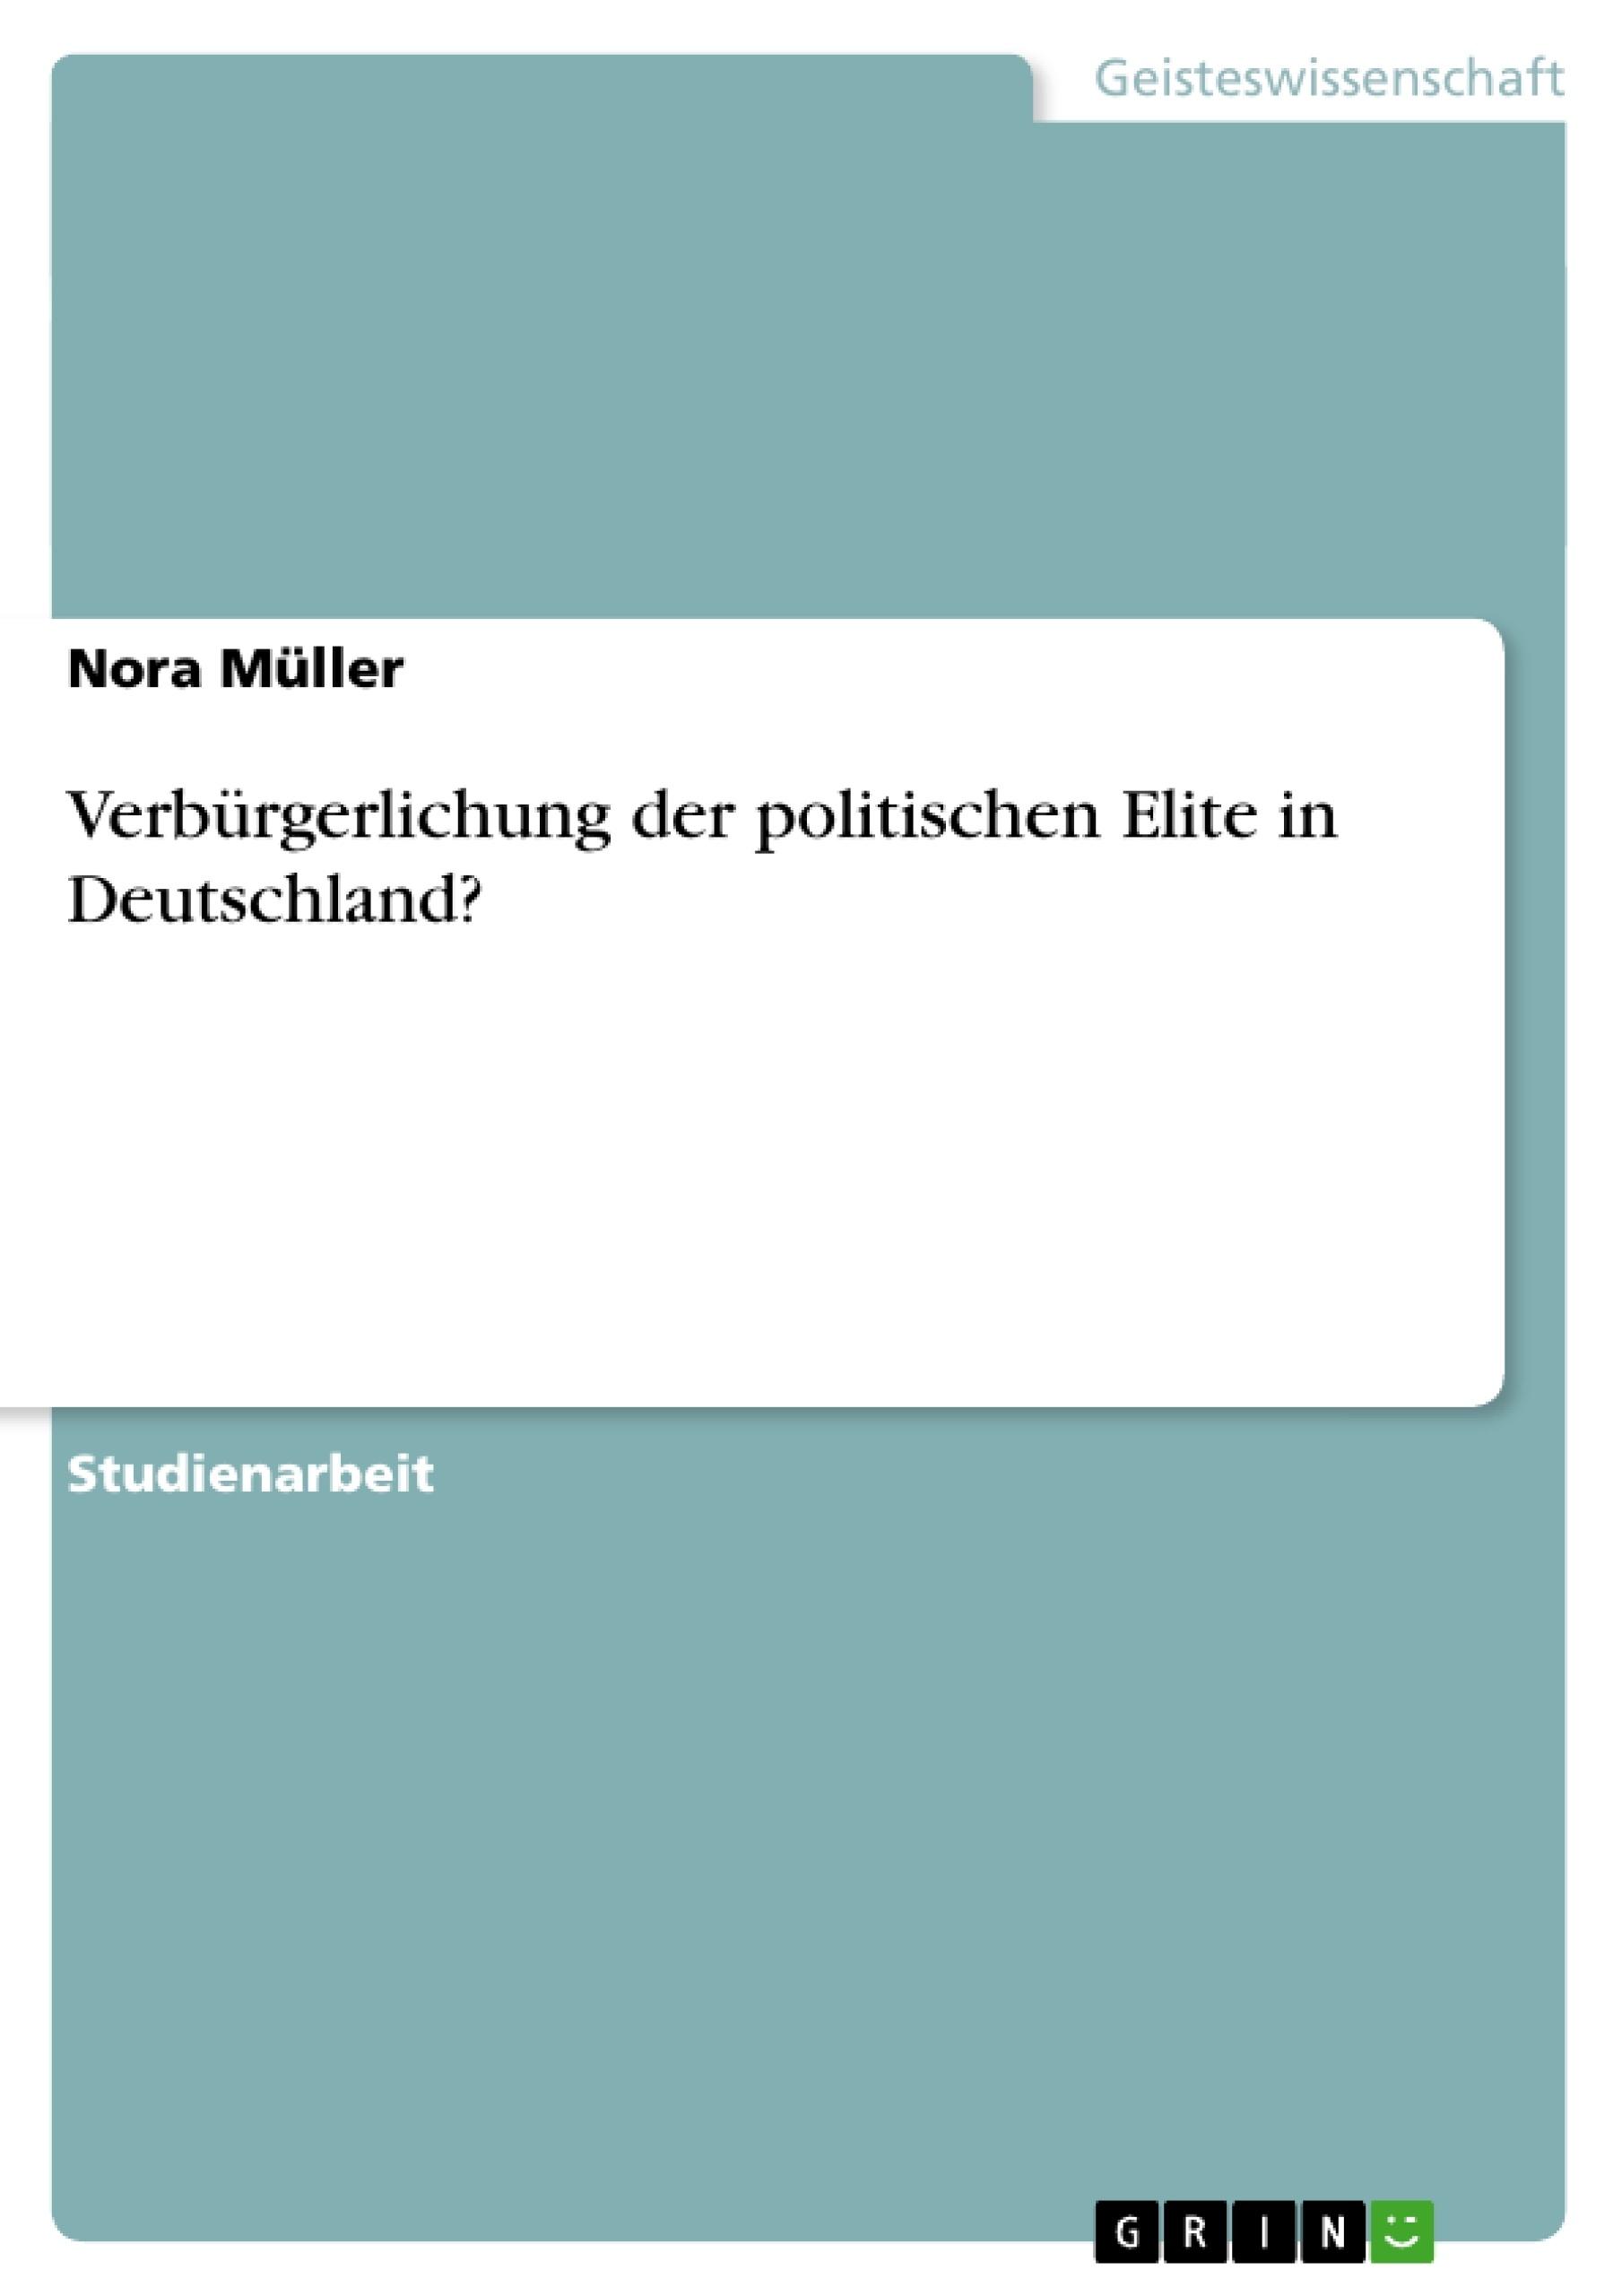 Titel: Verbürgerlichung der politischen Elite in Deutschland?